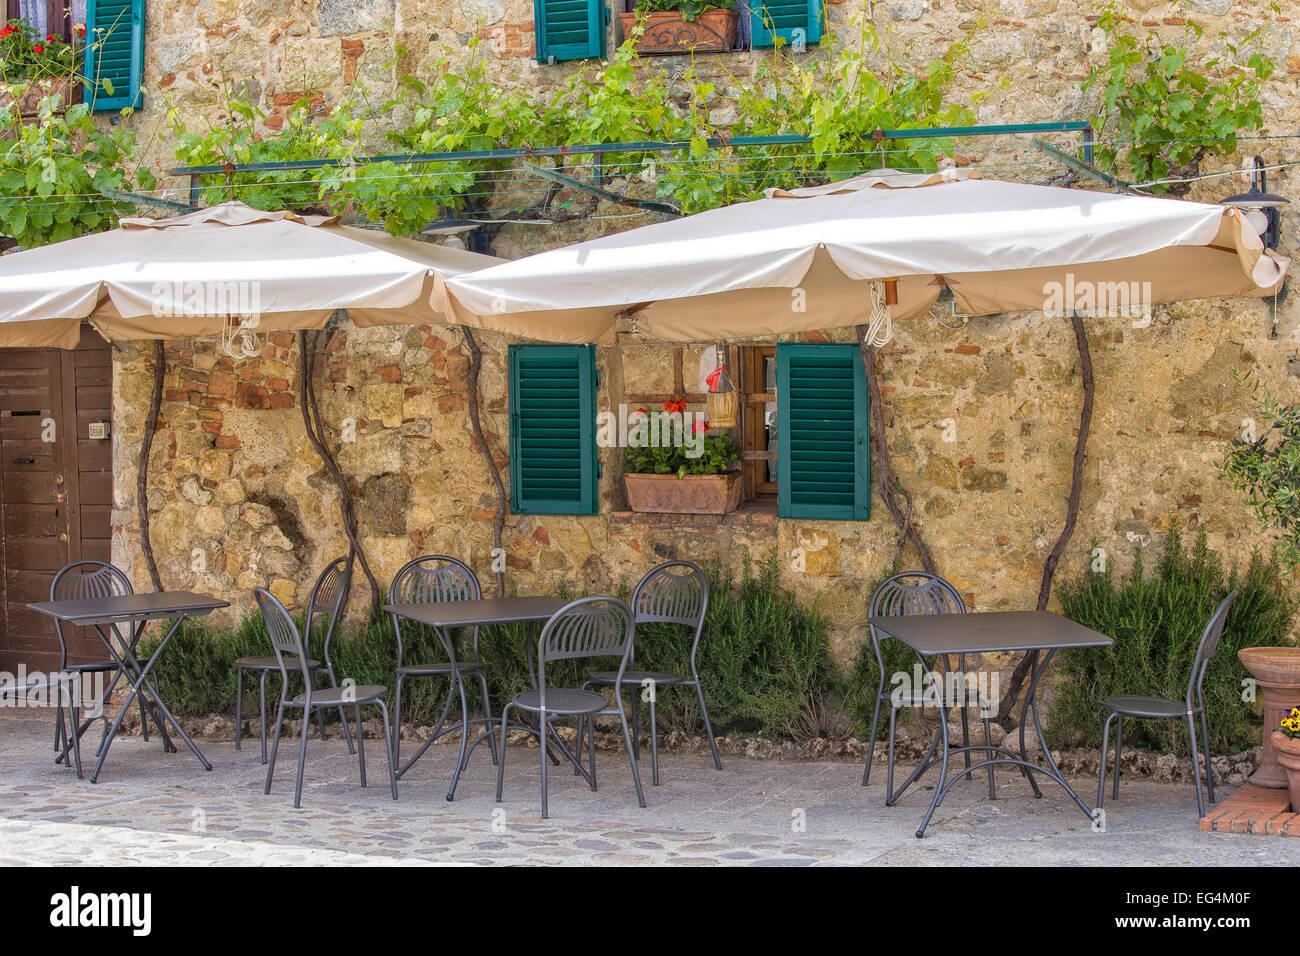 Typische Italienische Terrasse Vor Einem Restaurant Mit Fensterladen